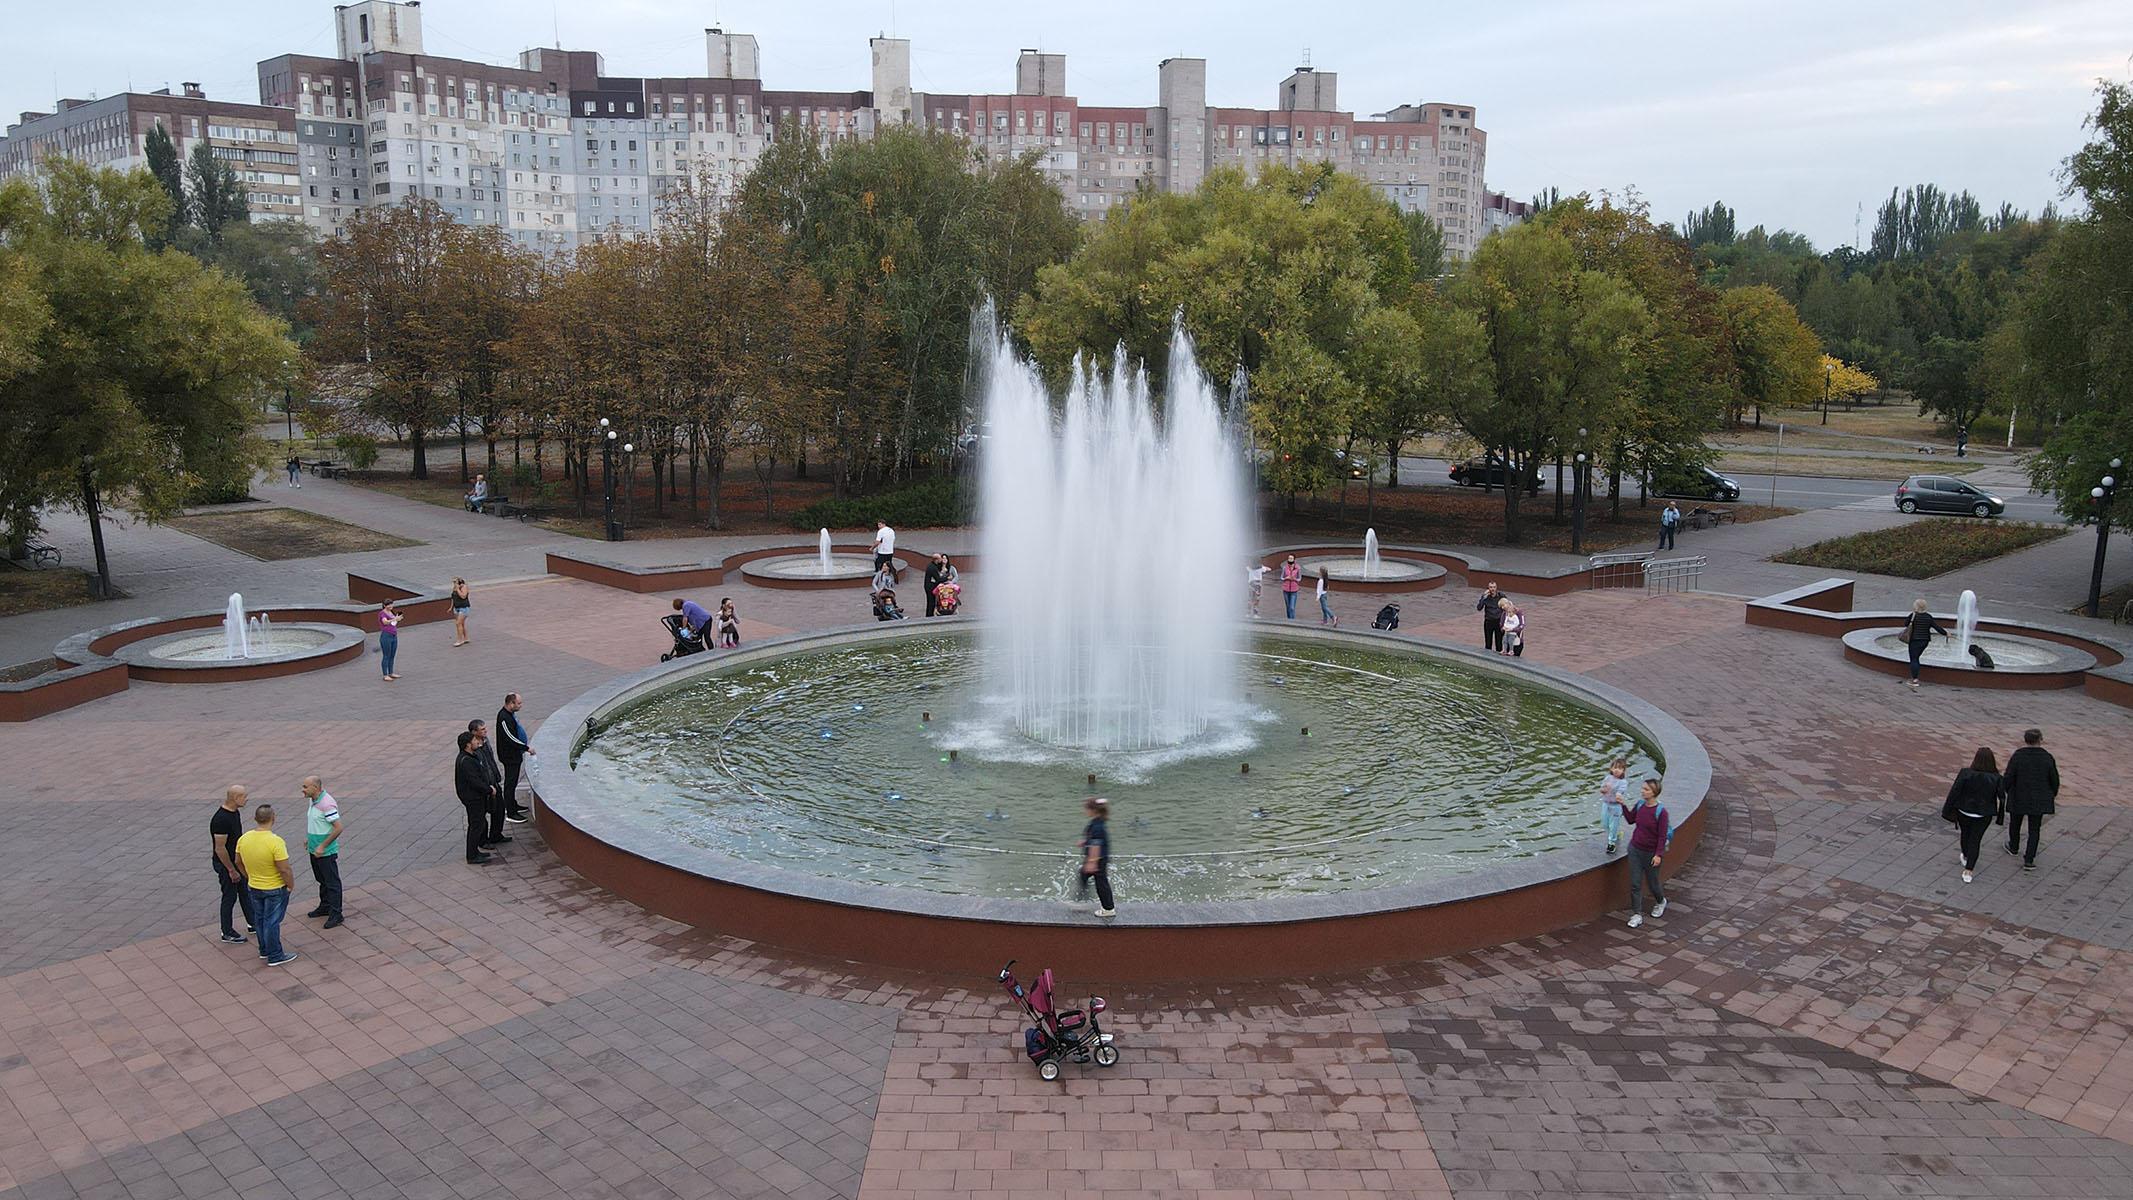 Фото — Олег Ушаков.